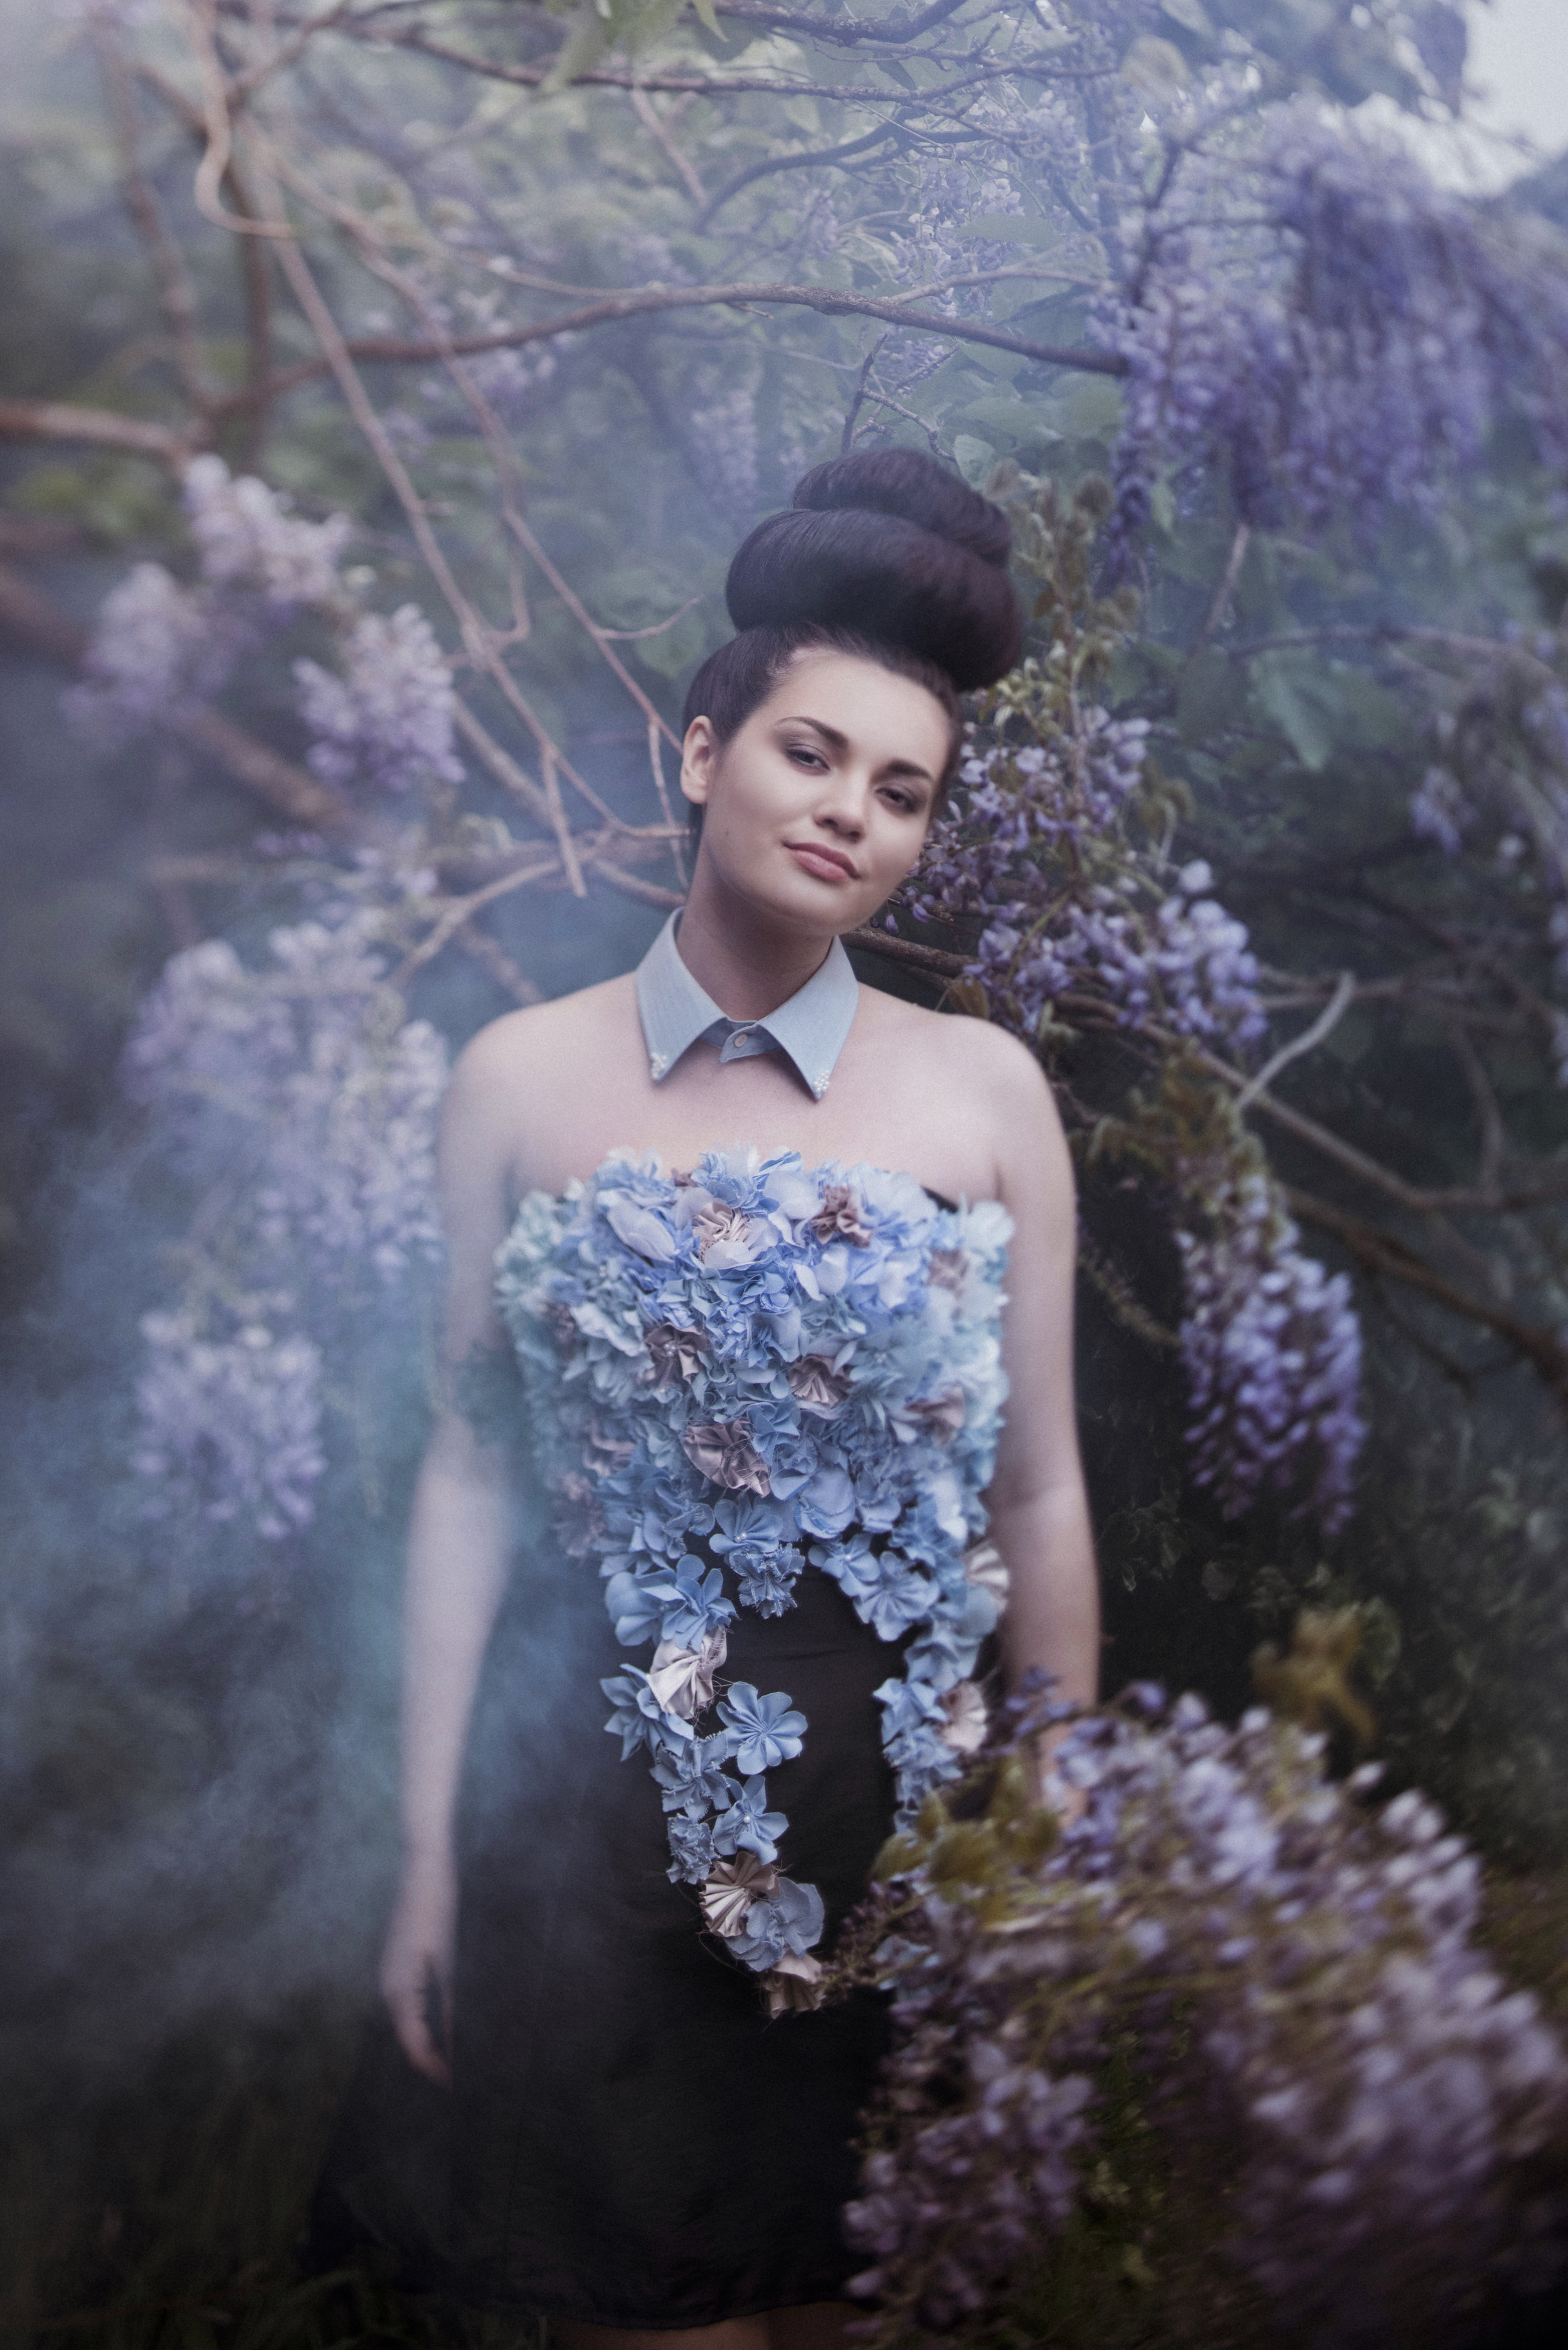 Photography: Esther Bunning Photography    De Fleur - 2015 Young Designer Entrant (under 18 years old)  Designer -Orion Scott  Model -Melissa Randell